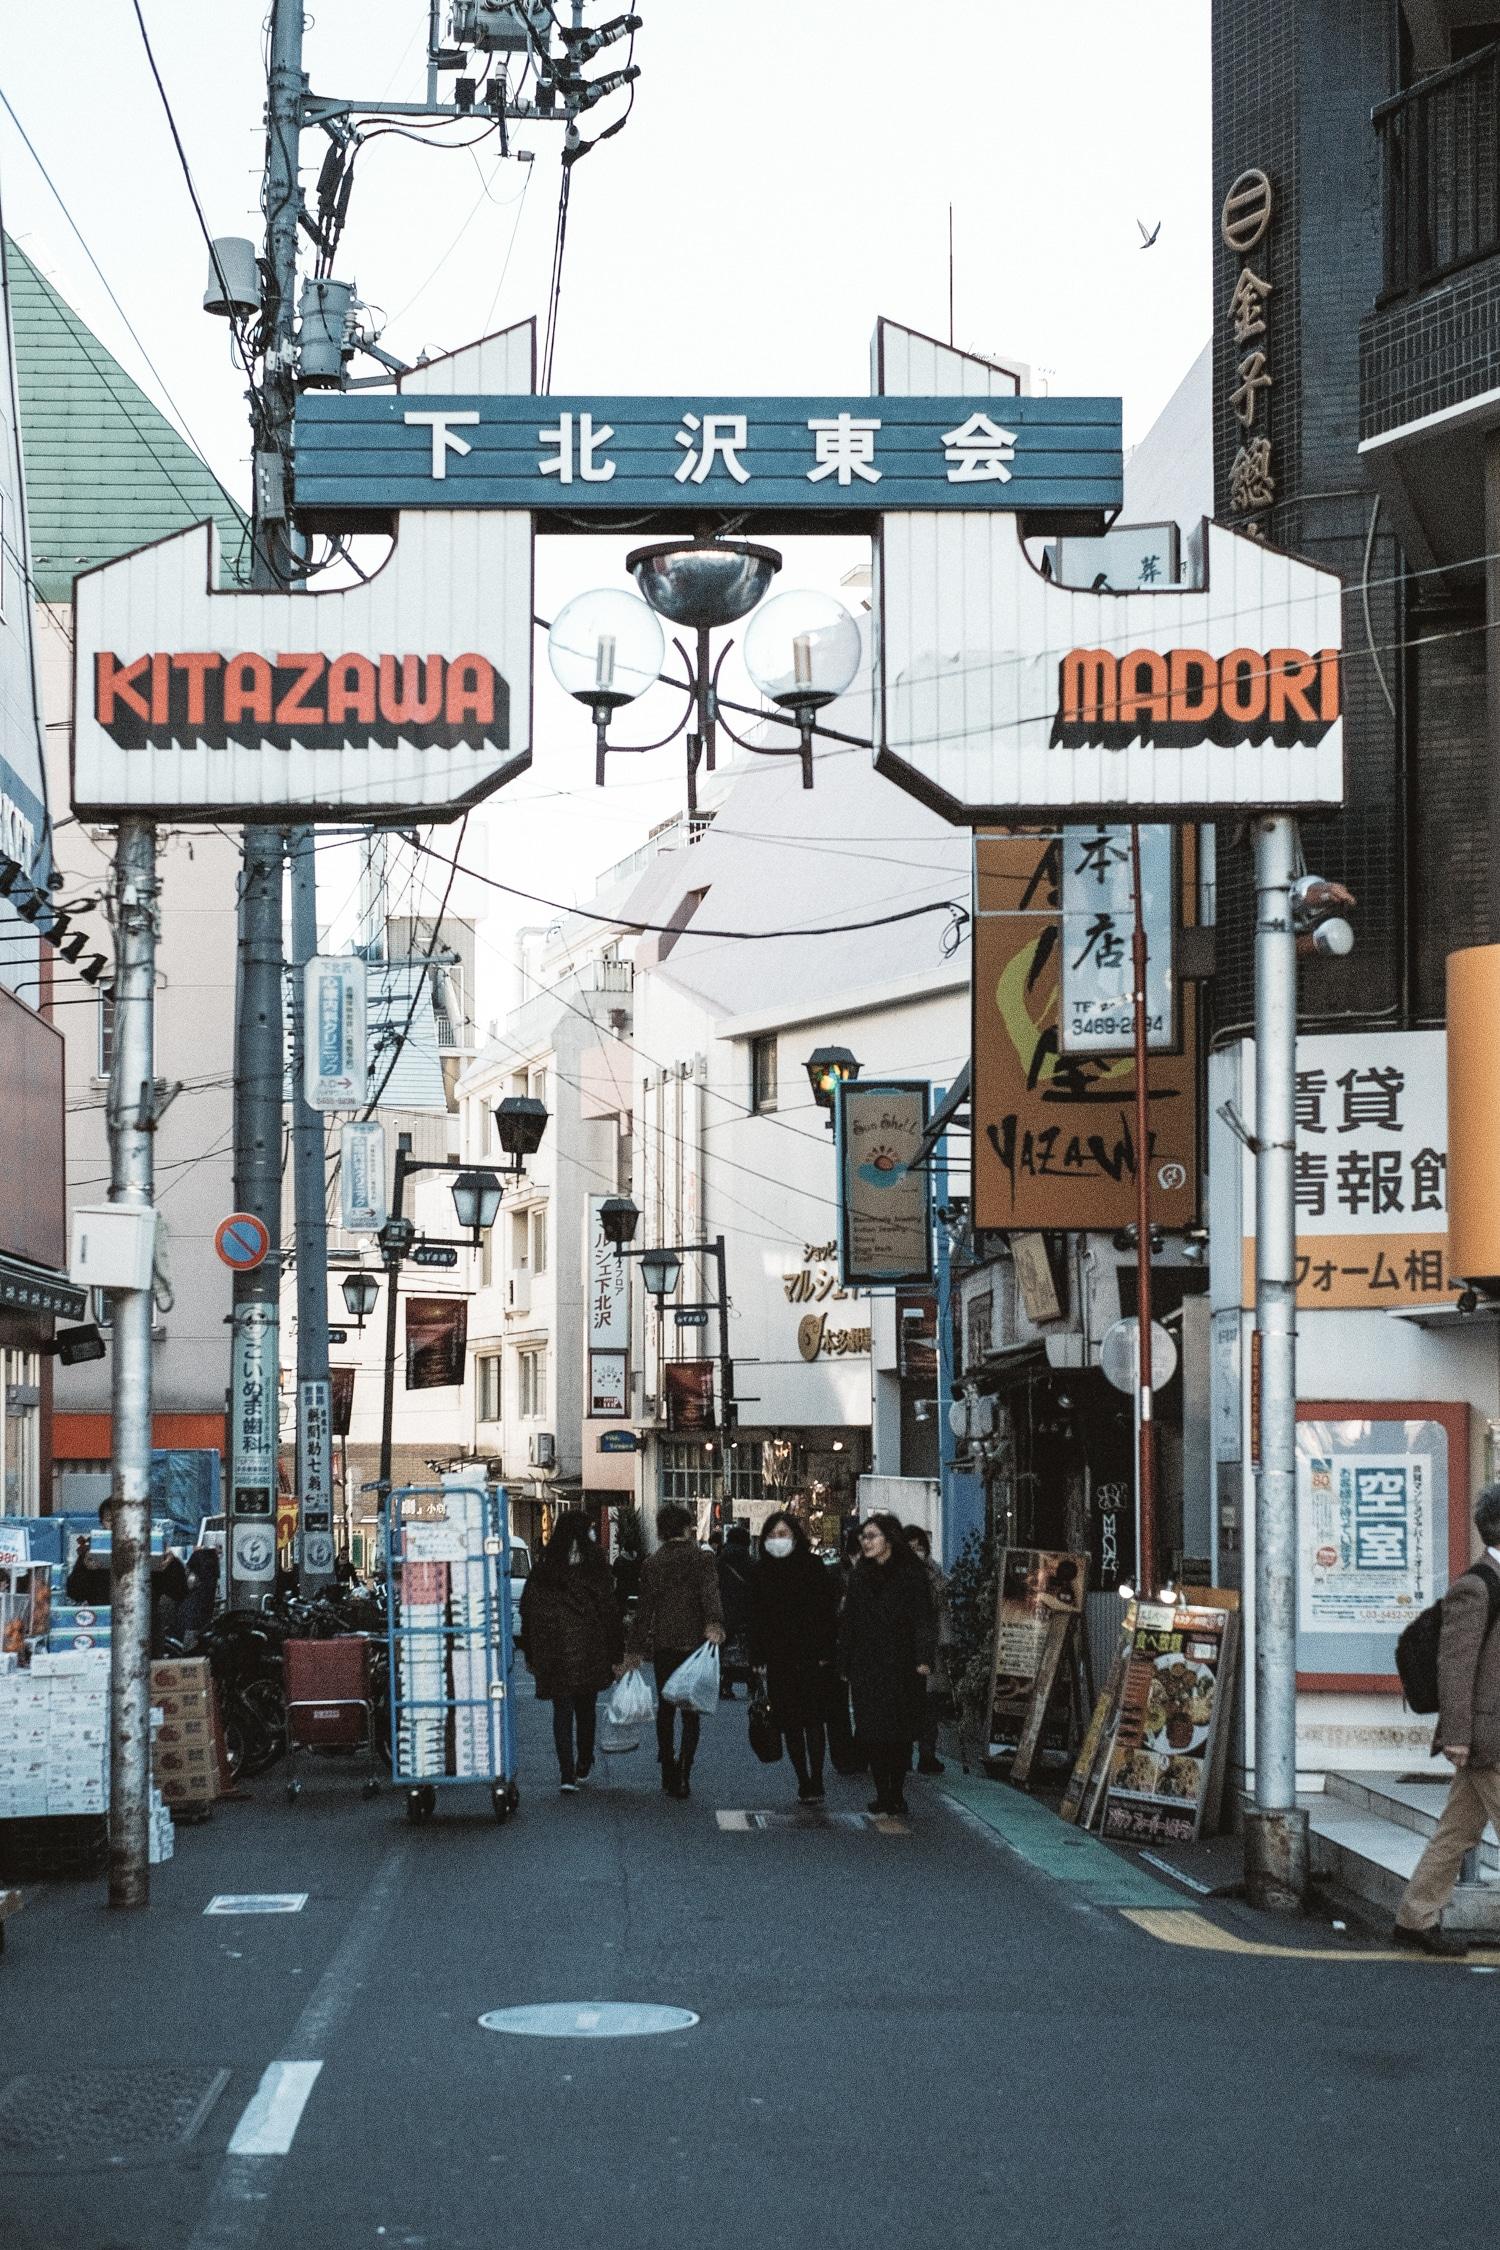 Kinlake-Lifestyle-Japan-2018-4874